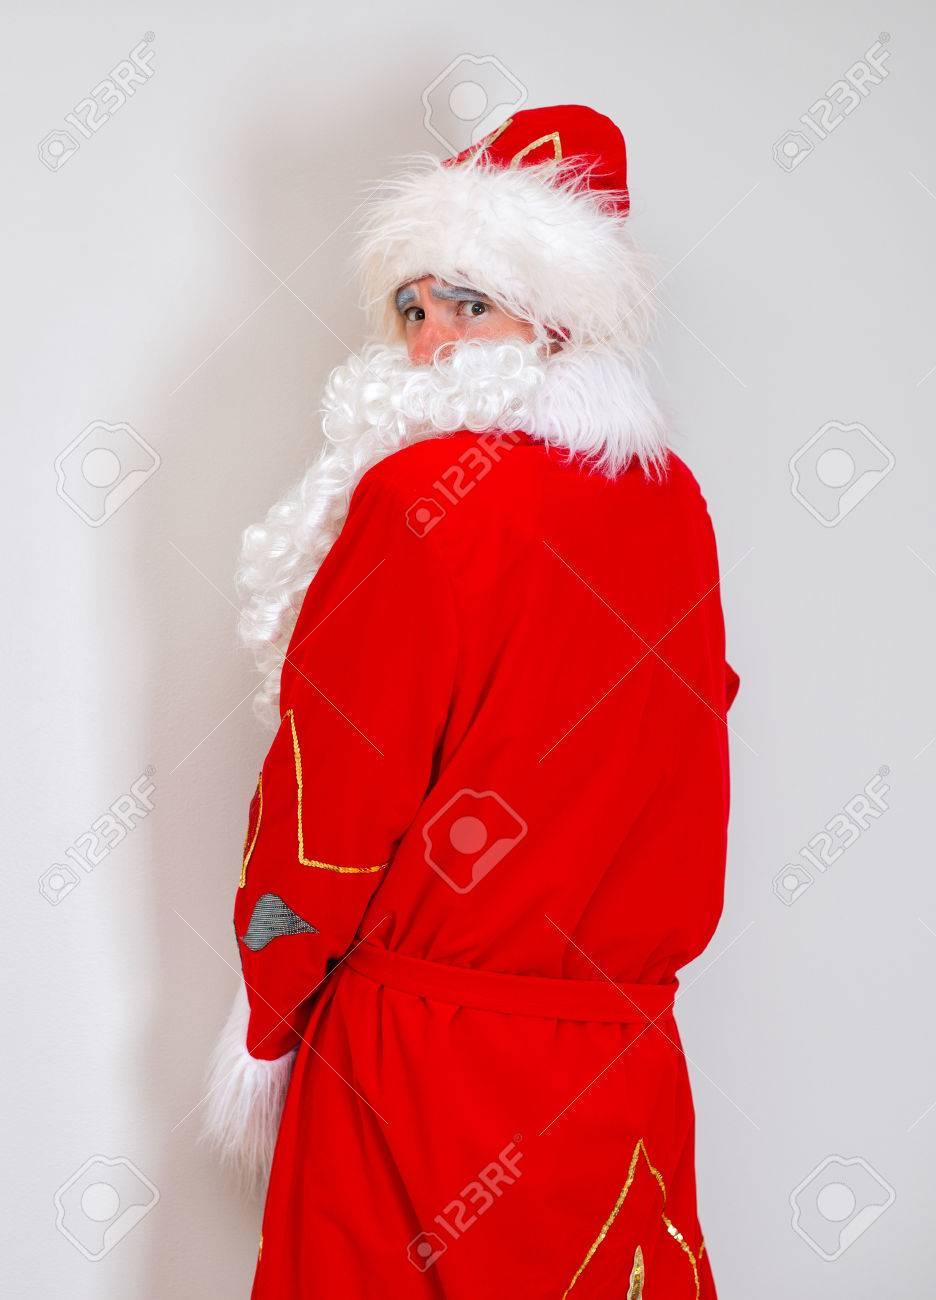 Babbo Natale Ubriaco.Immagini Stock Il Babbo Natale Ubriaco Pipi Sul Muro Image 34313733